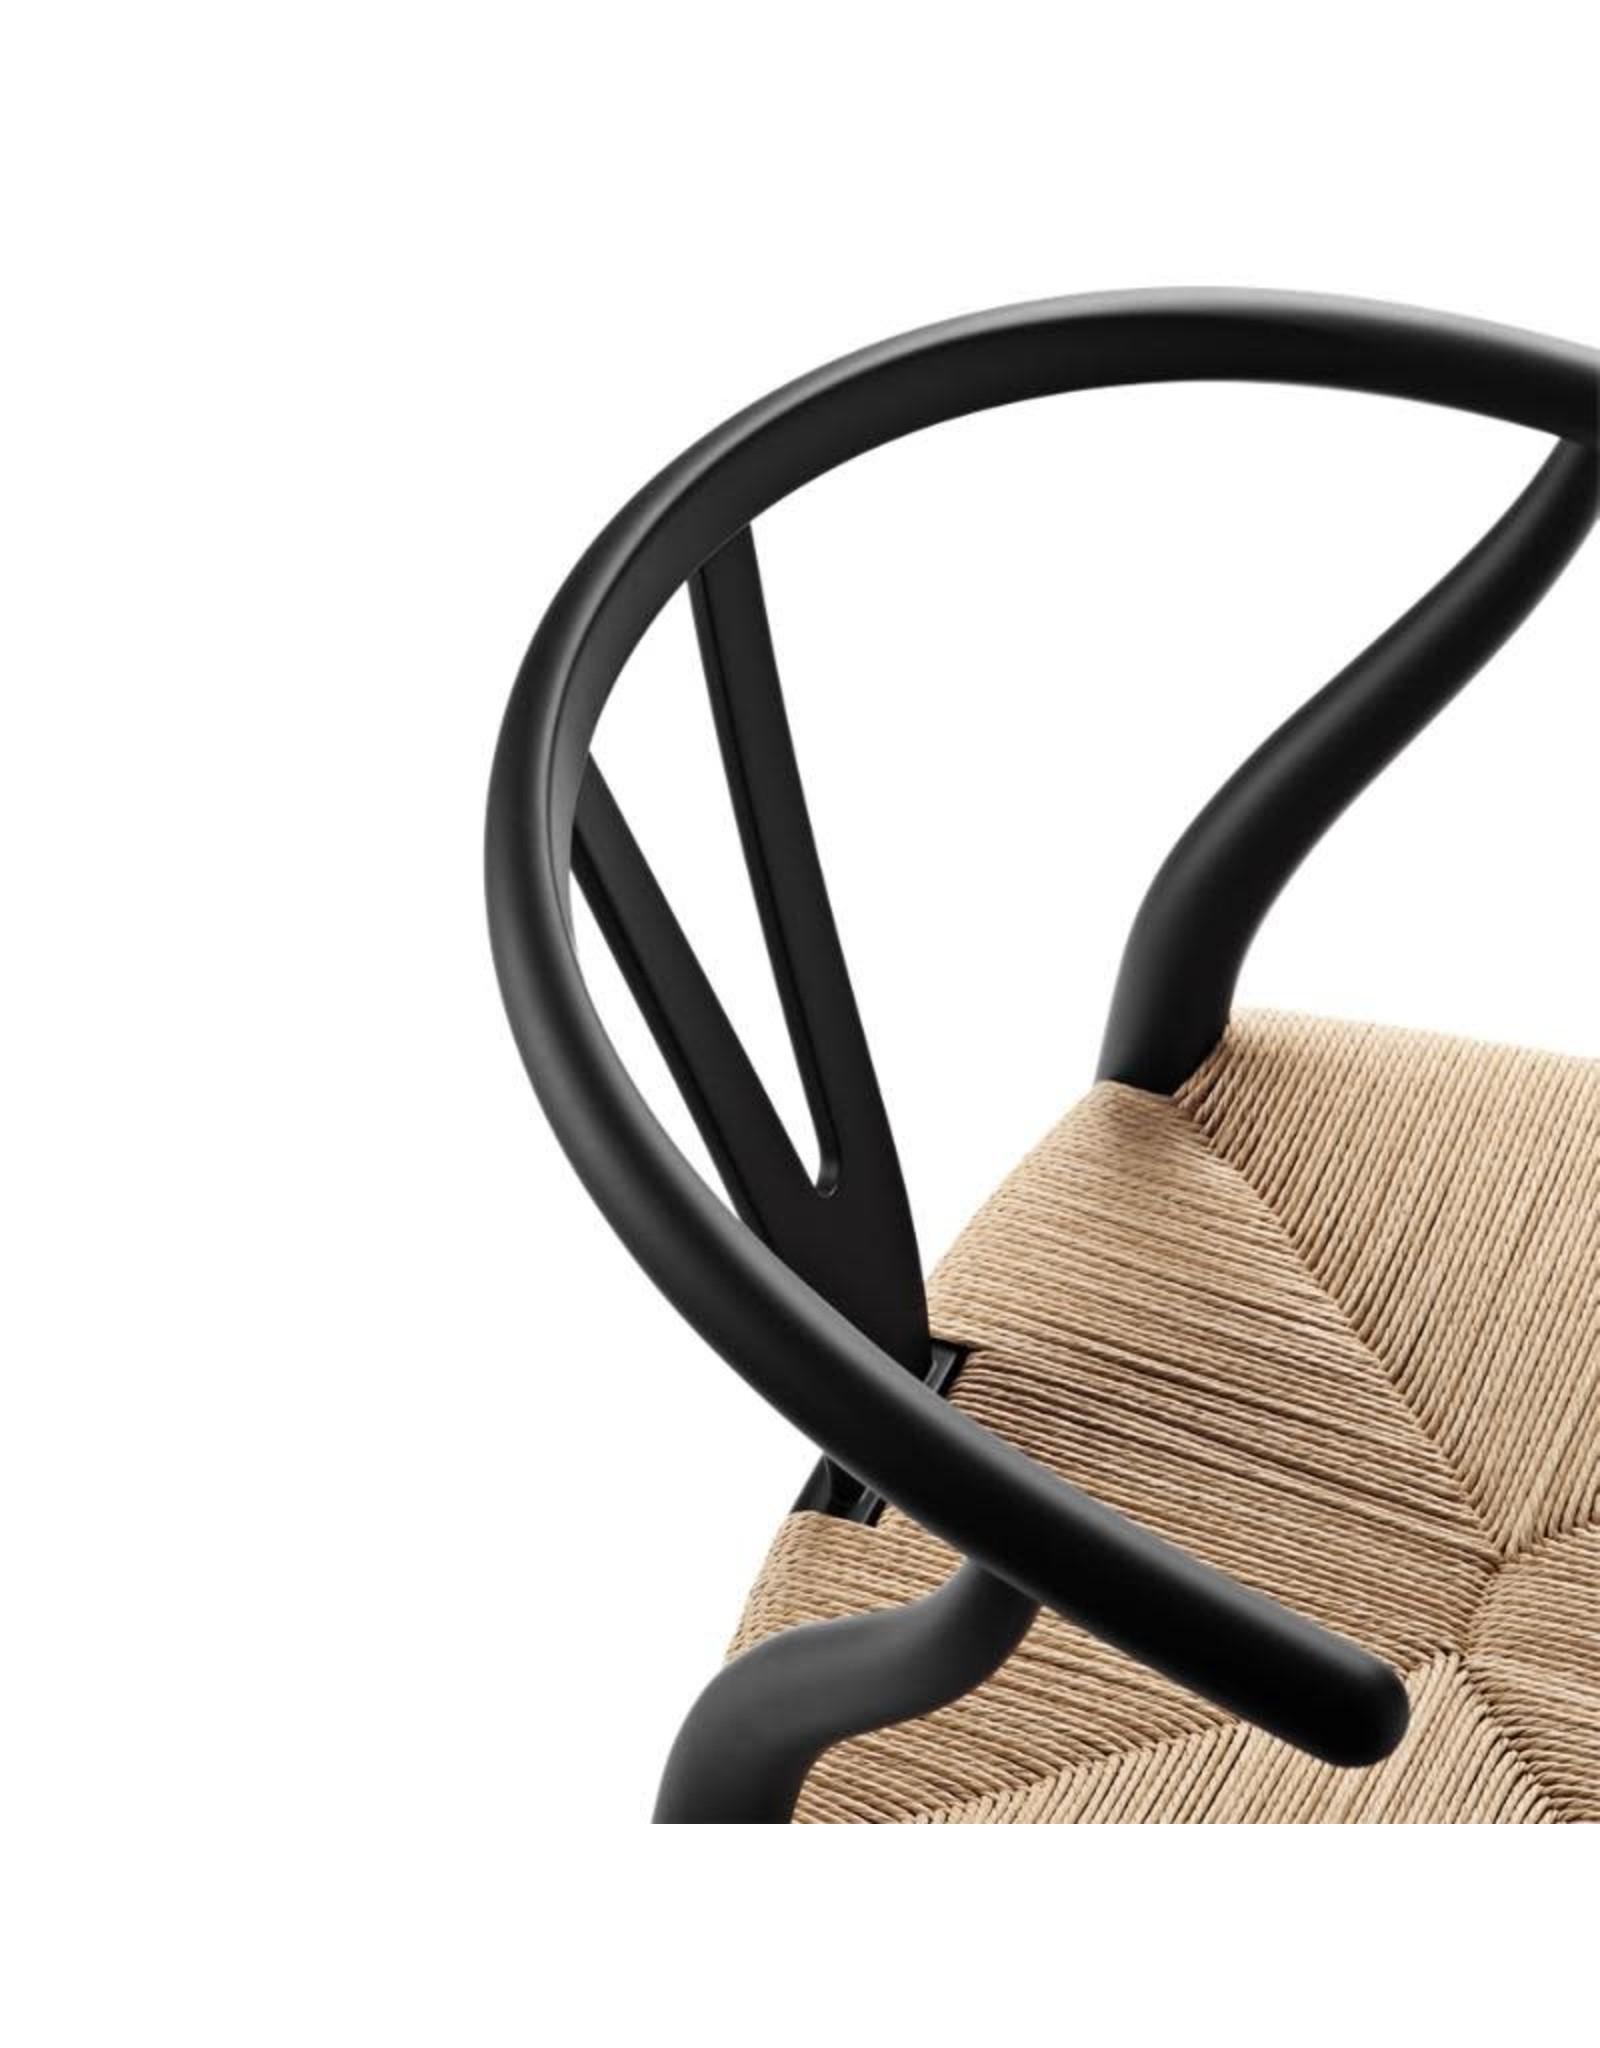 CH24 限量版叉骨椅, 帶有簽名